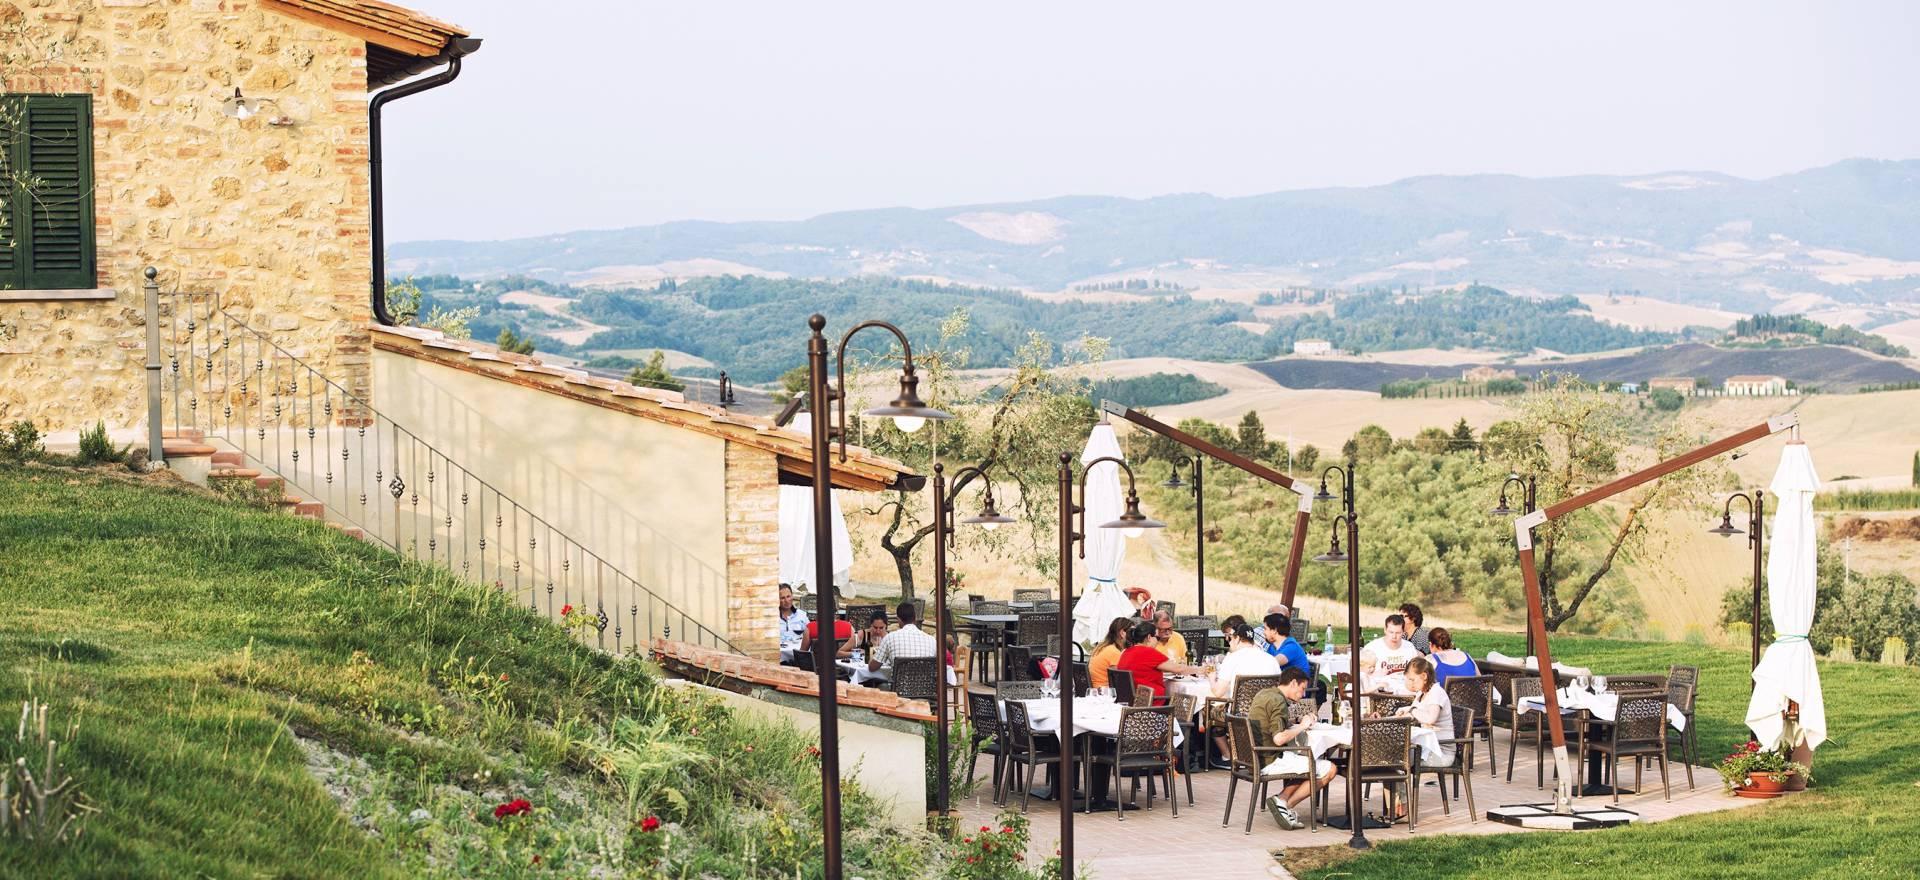 Agriturismo Toscane Agriturismo Toscane, zeer gezellig en super gastvrij!